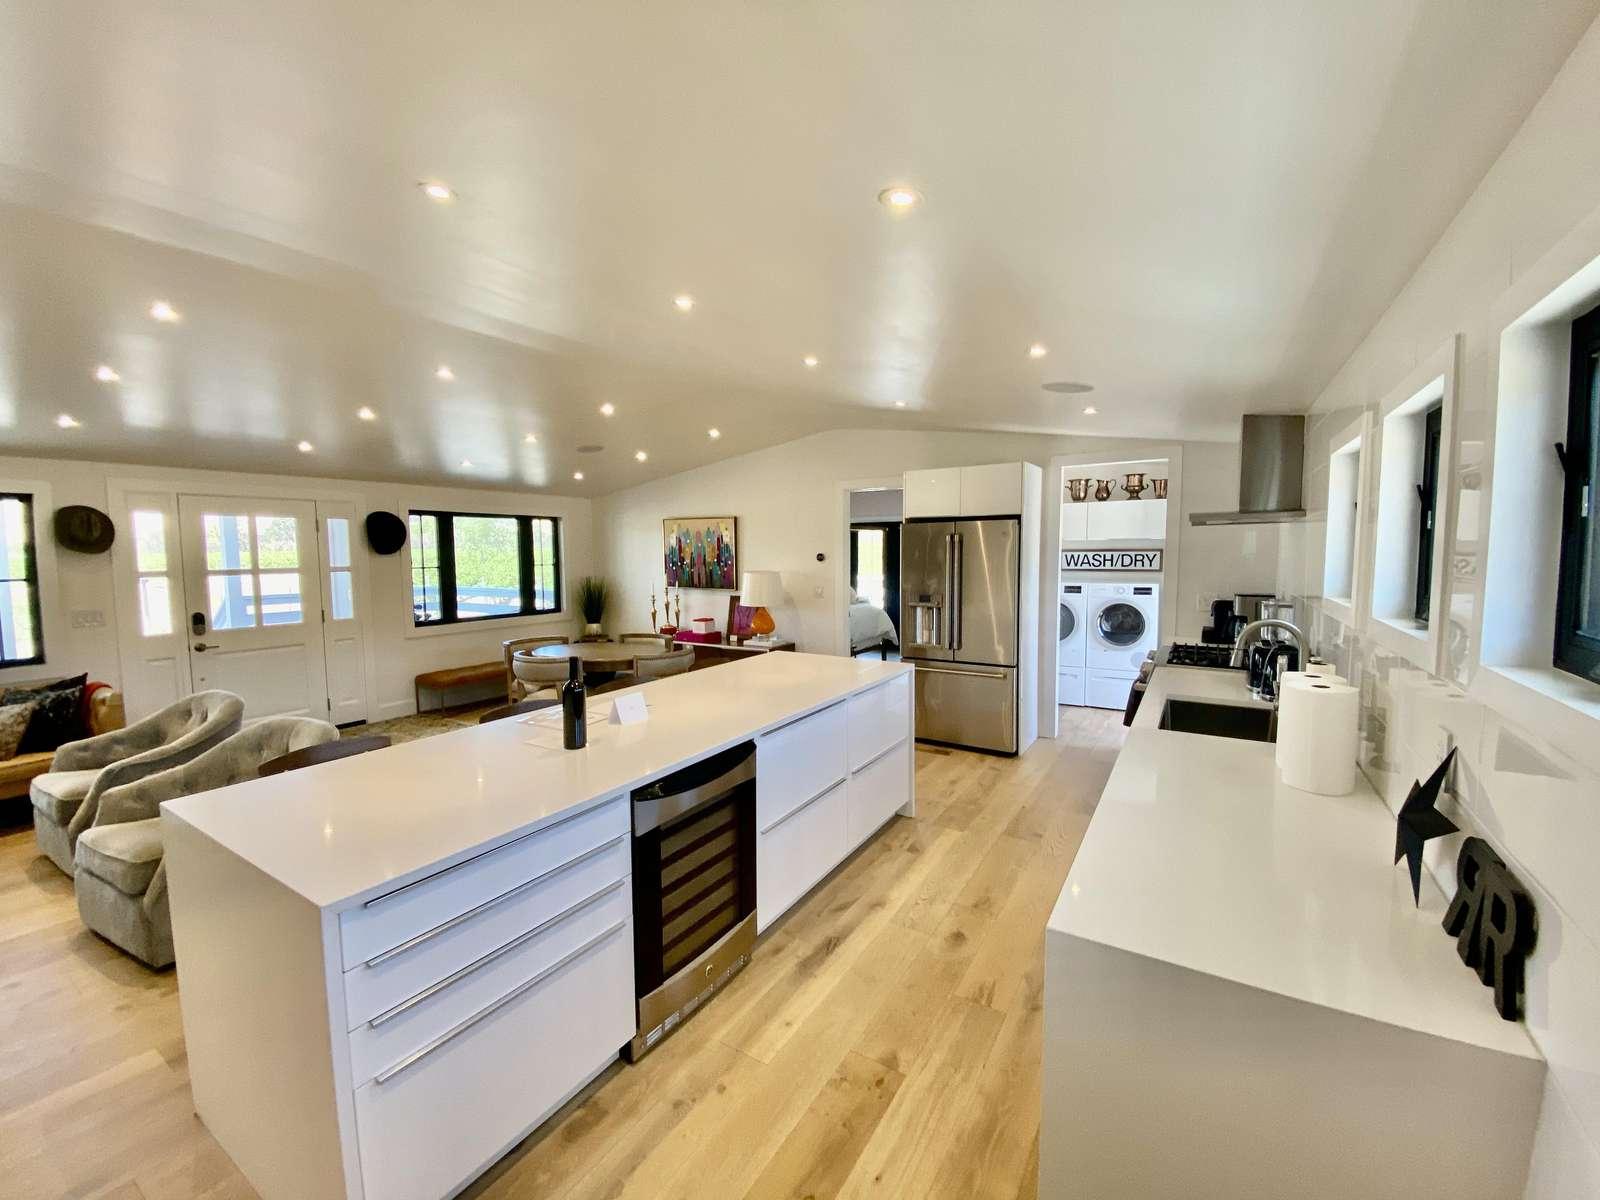 Kitchen view toward master bedroom